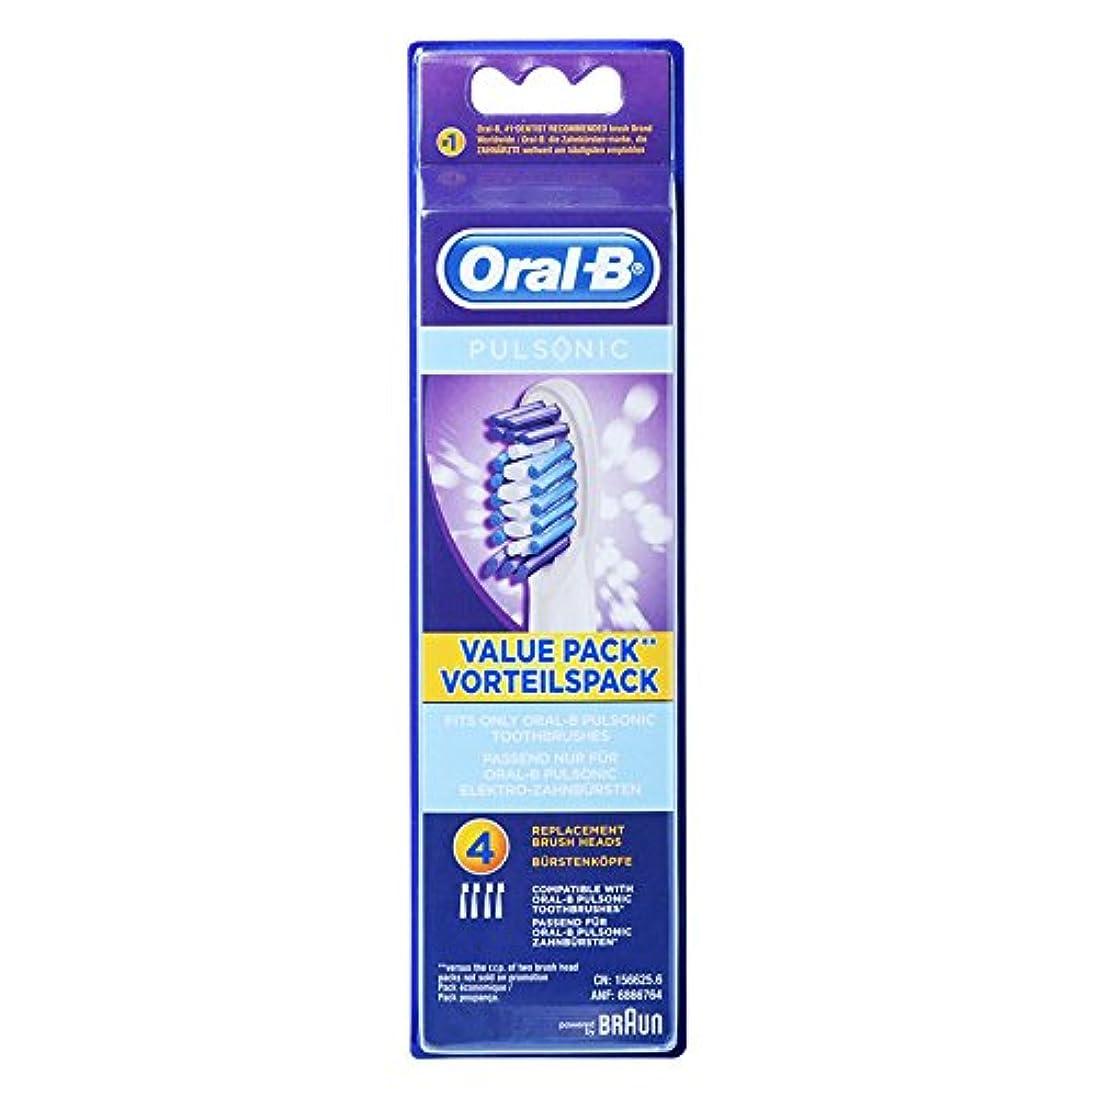 苦しめるみぞれ同僚Braun Oral-B SR32-4 Pulsonic Value Pack 交換用ブラシヘッド 1Pack [並行輸入品]